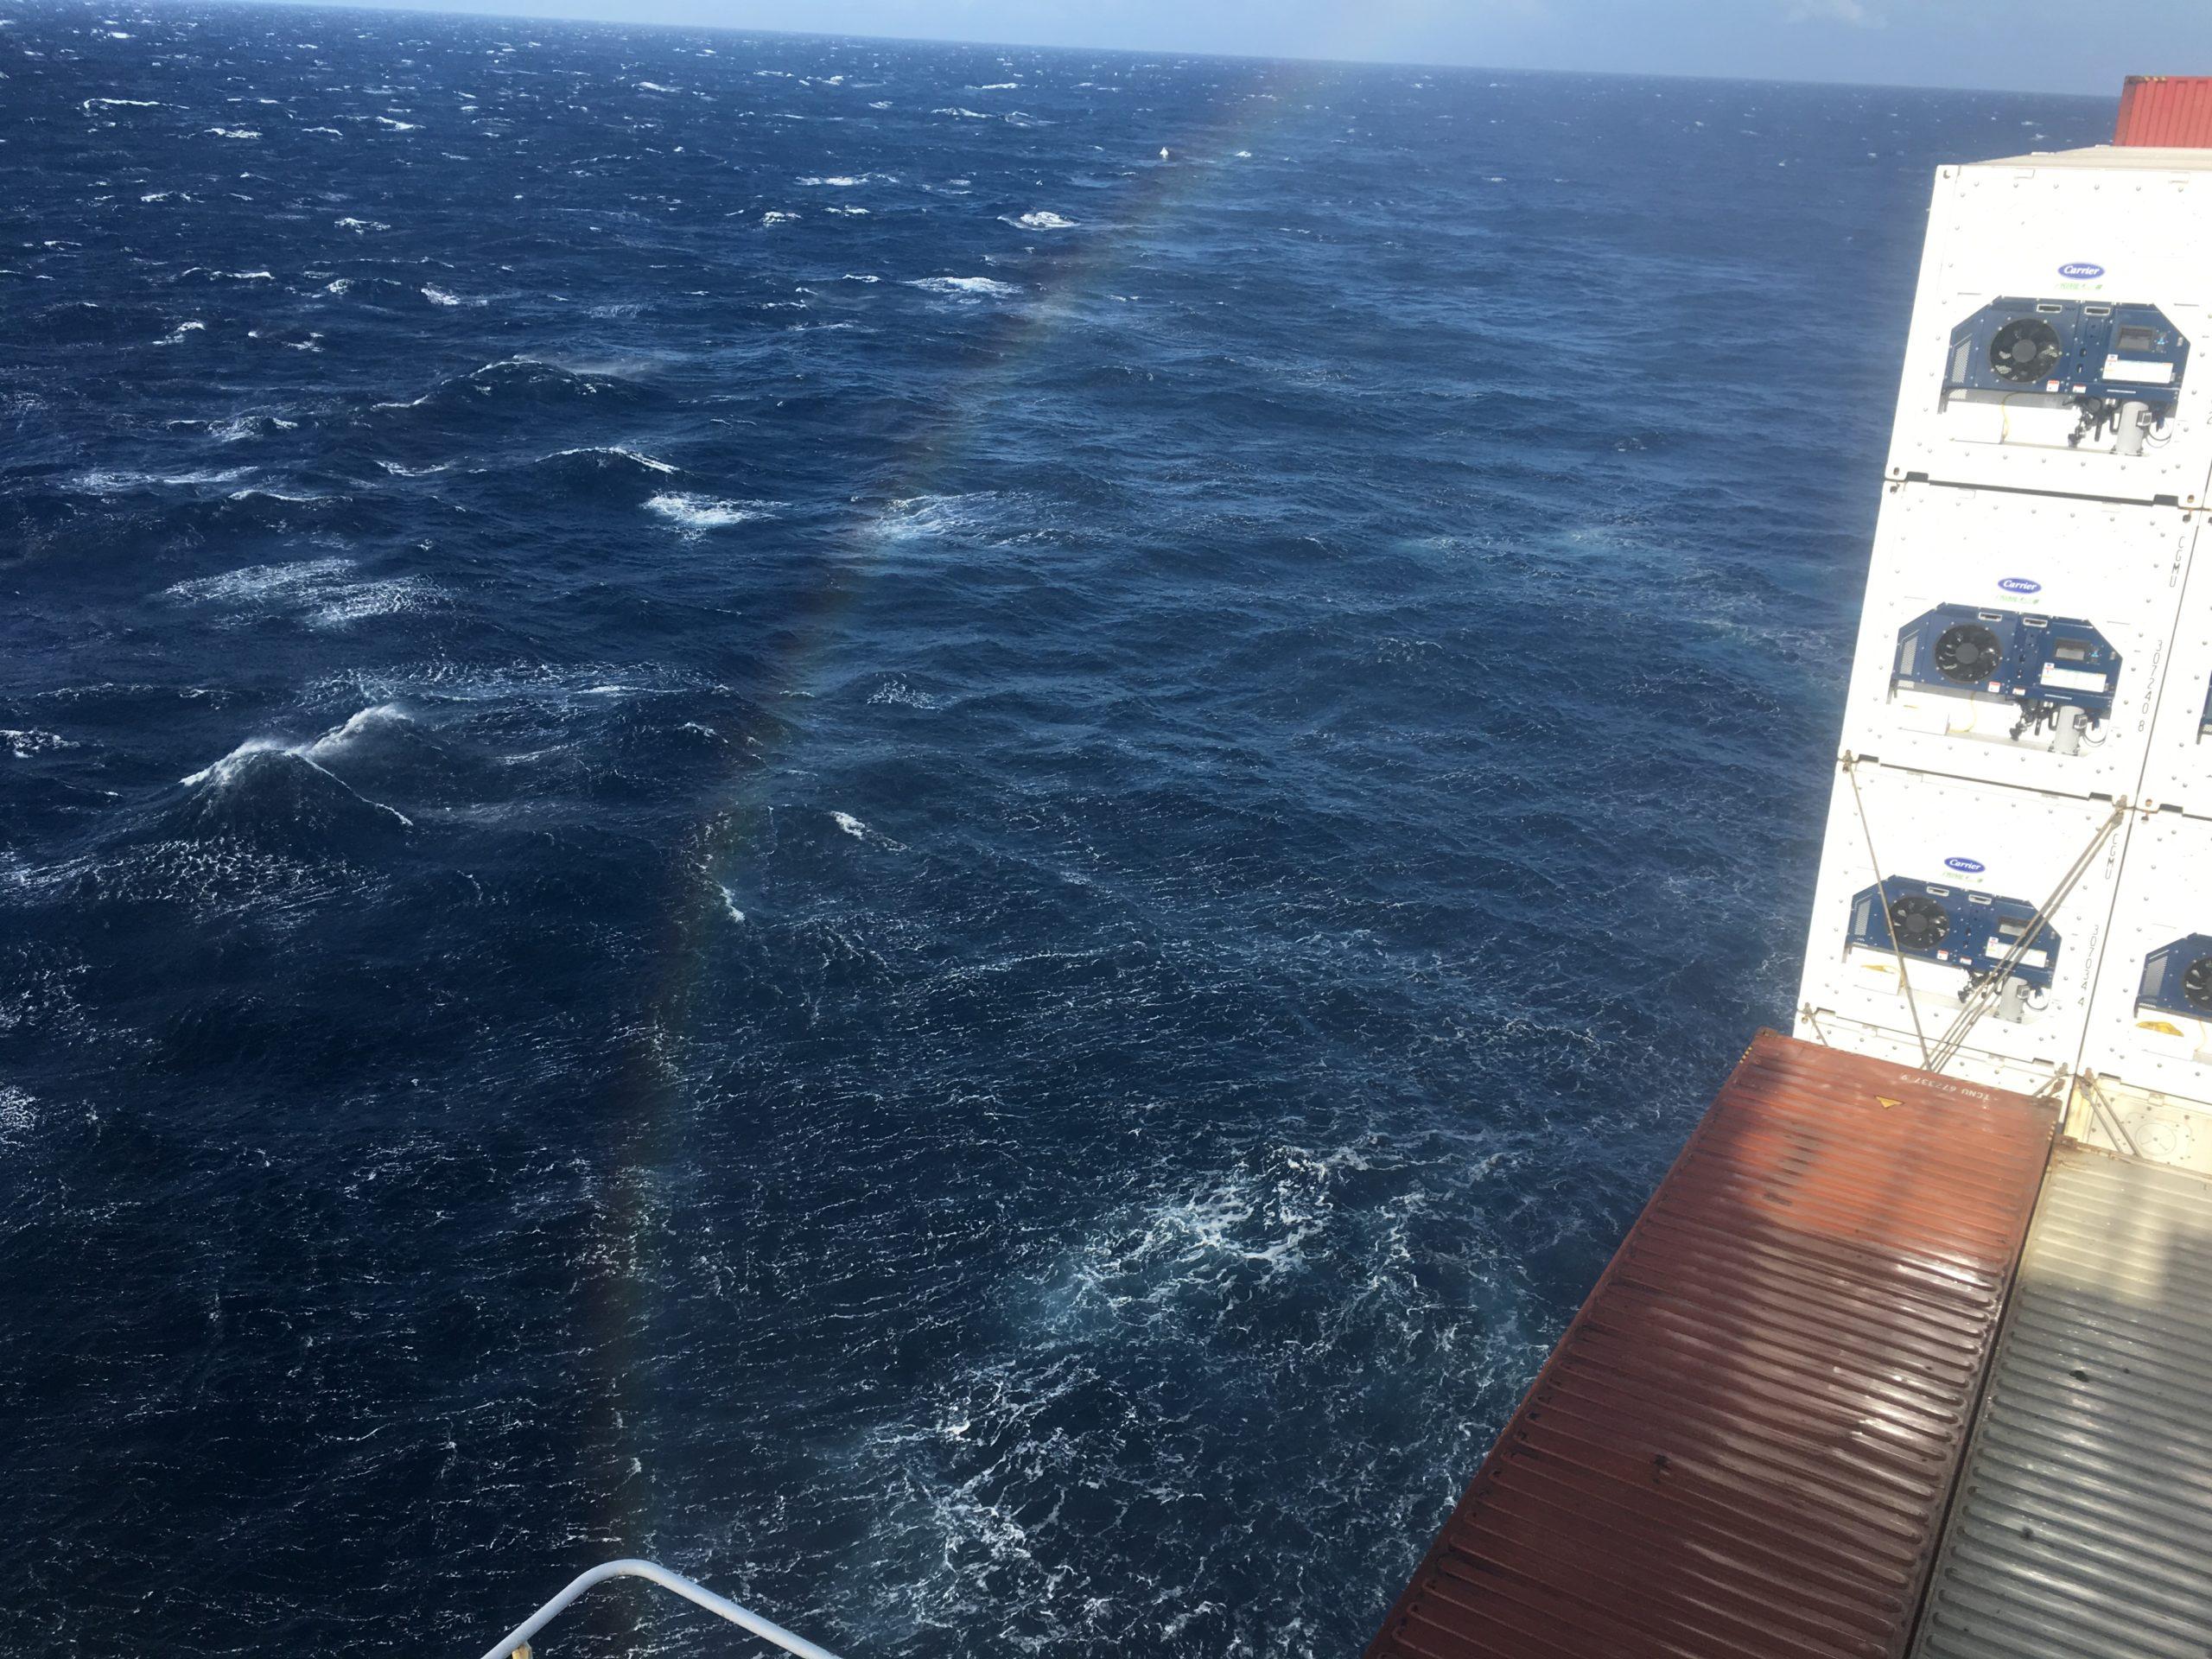 9th November rainbow from bow spray